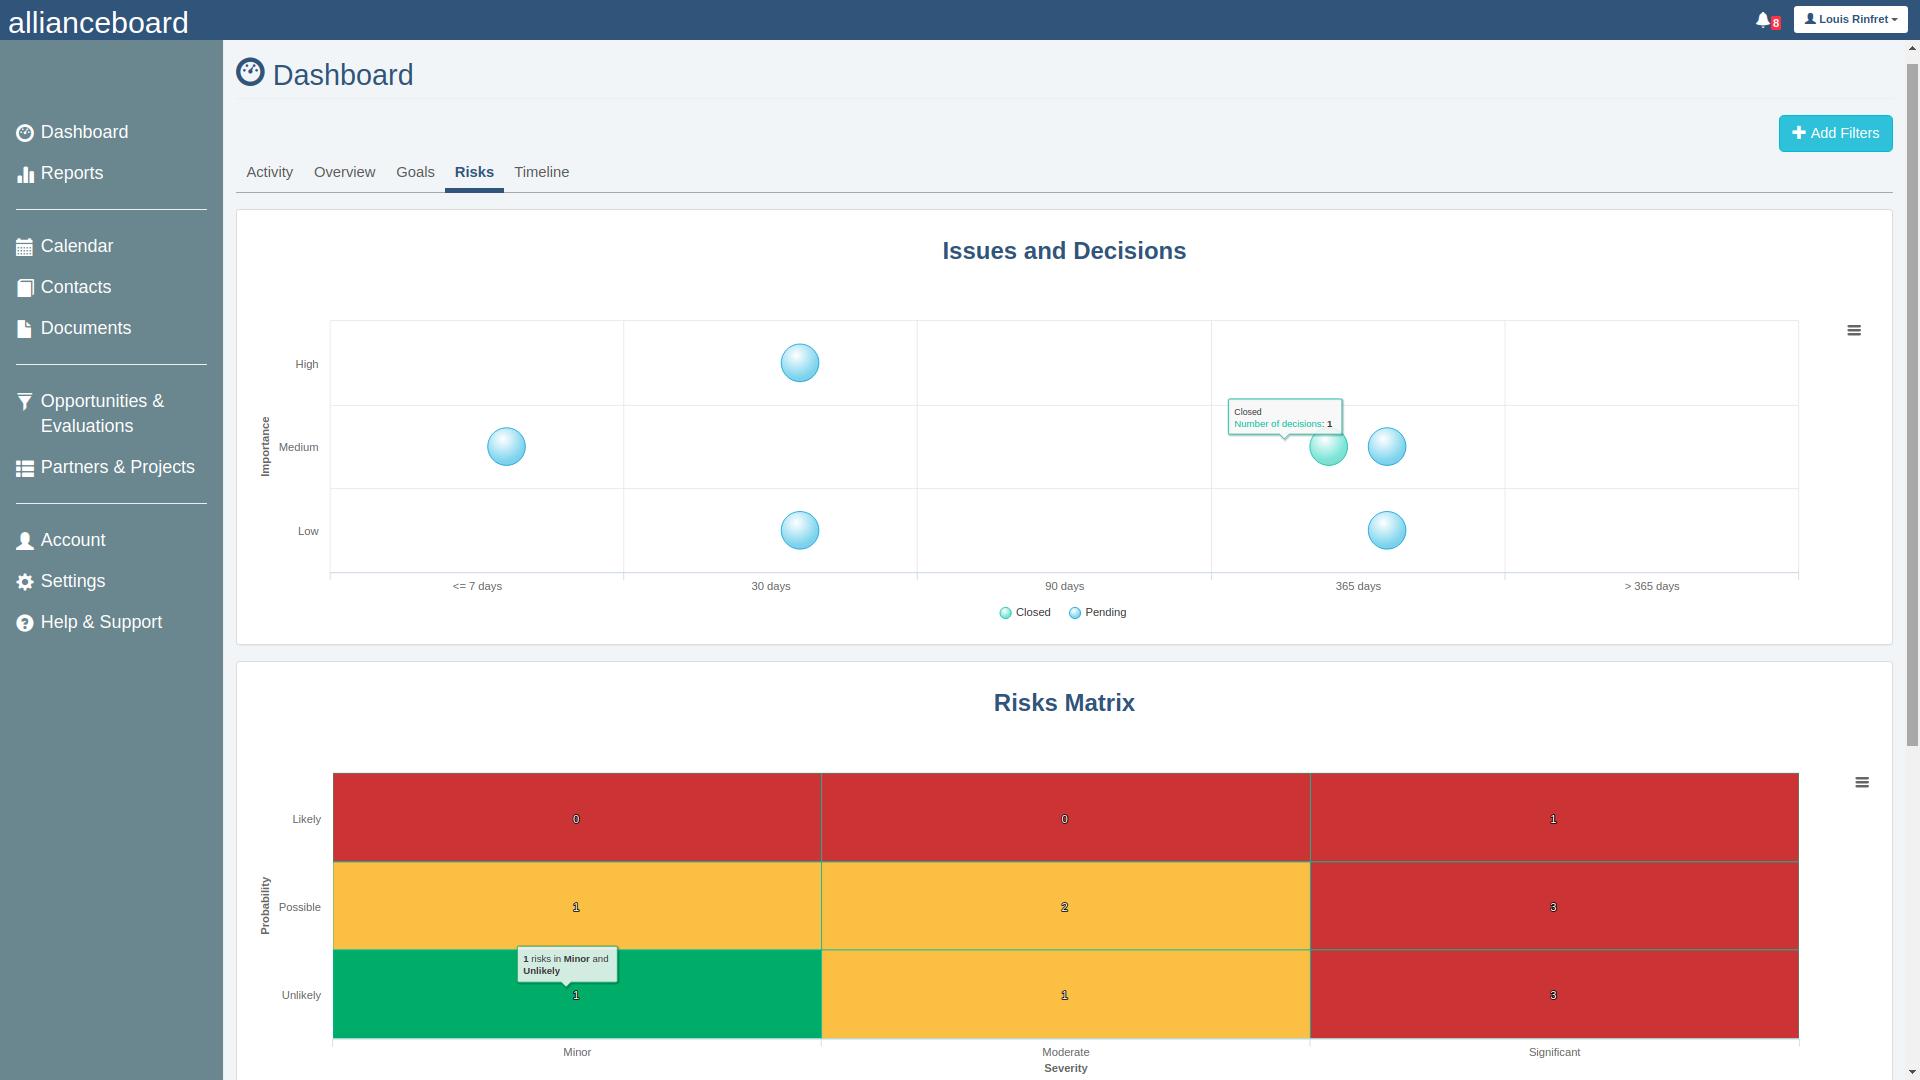 allianceboard management analytics